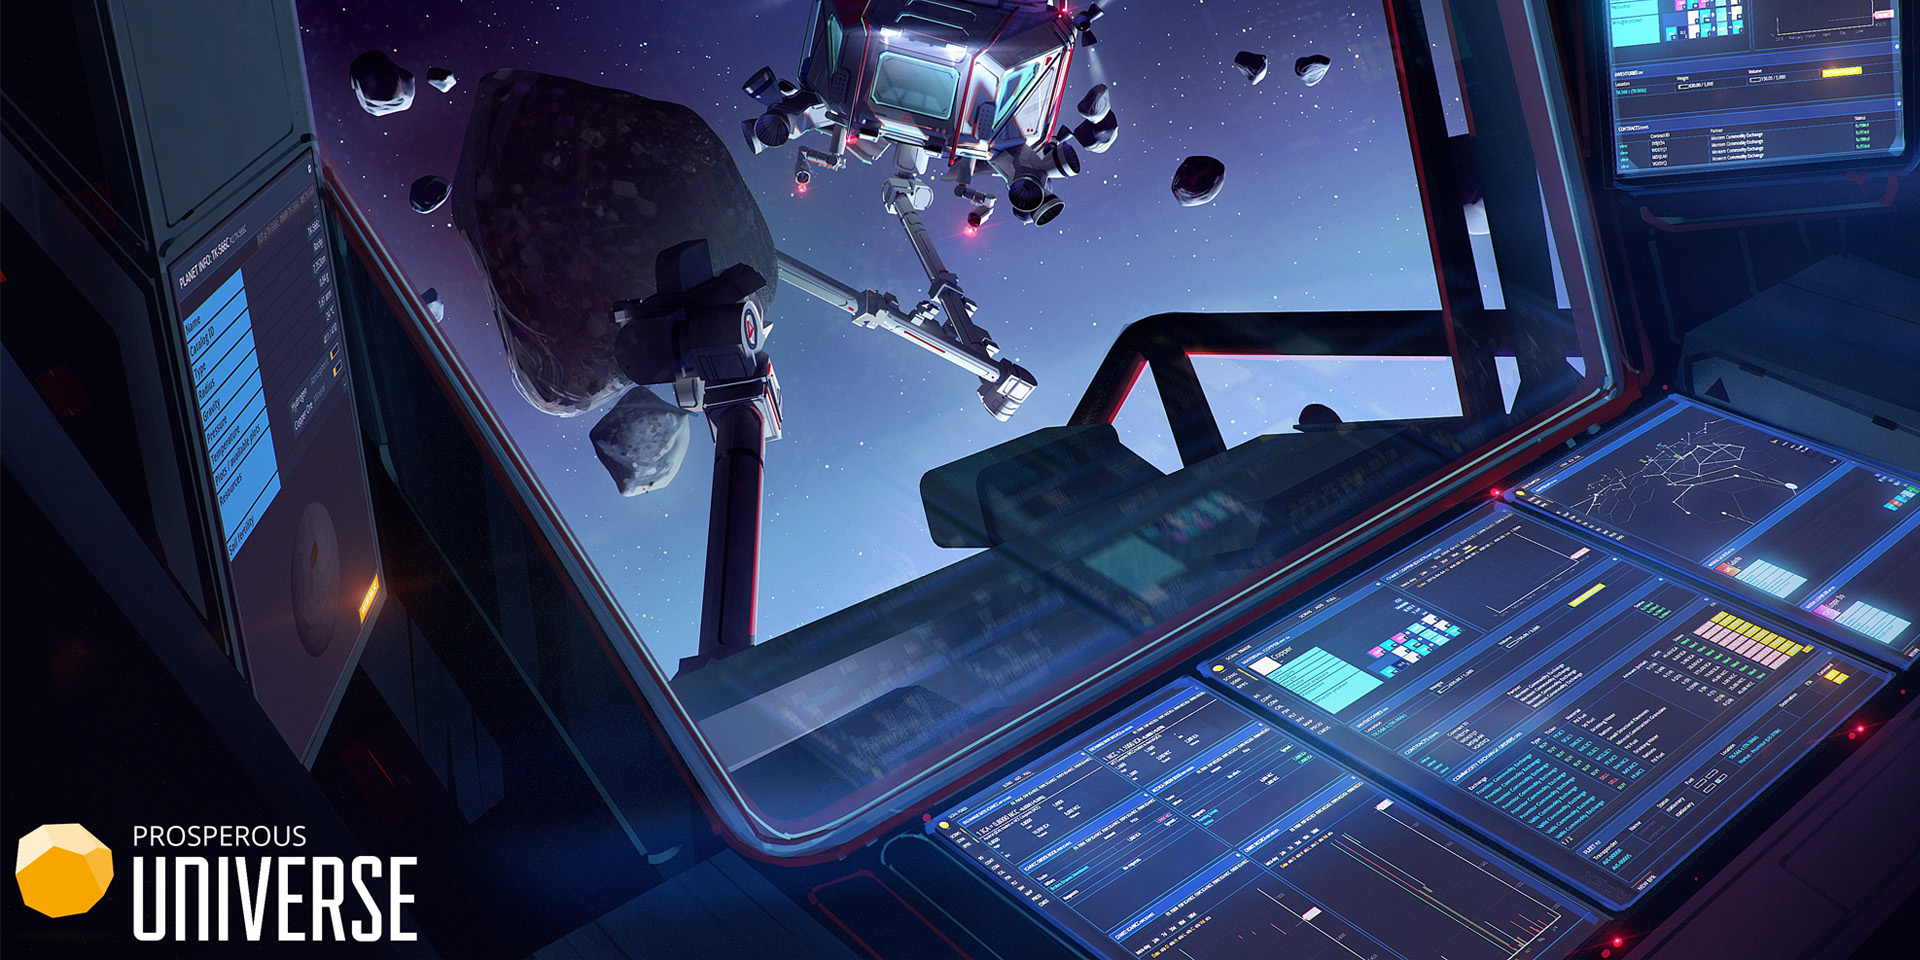 Браузерные Игры: Открыт демонстрационный режим в Prosperous Universe